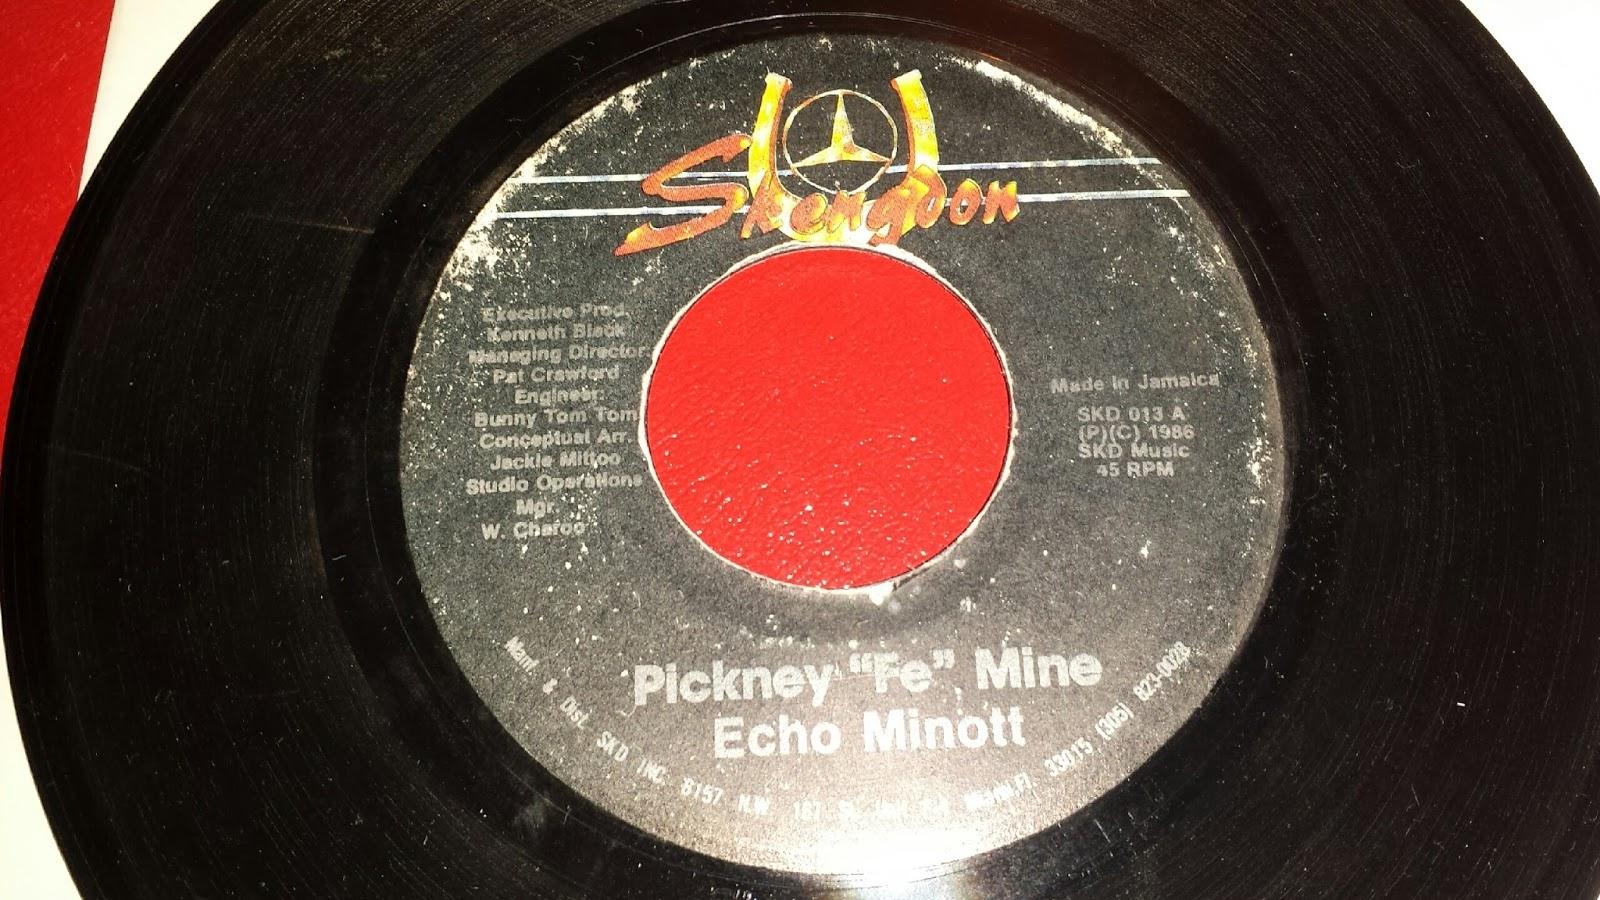 Echo Minott Pickney Fe Mine